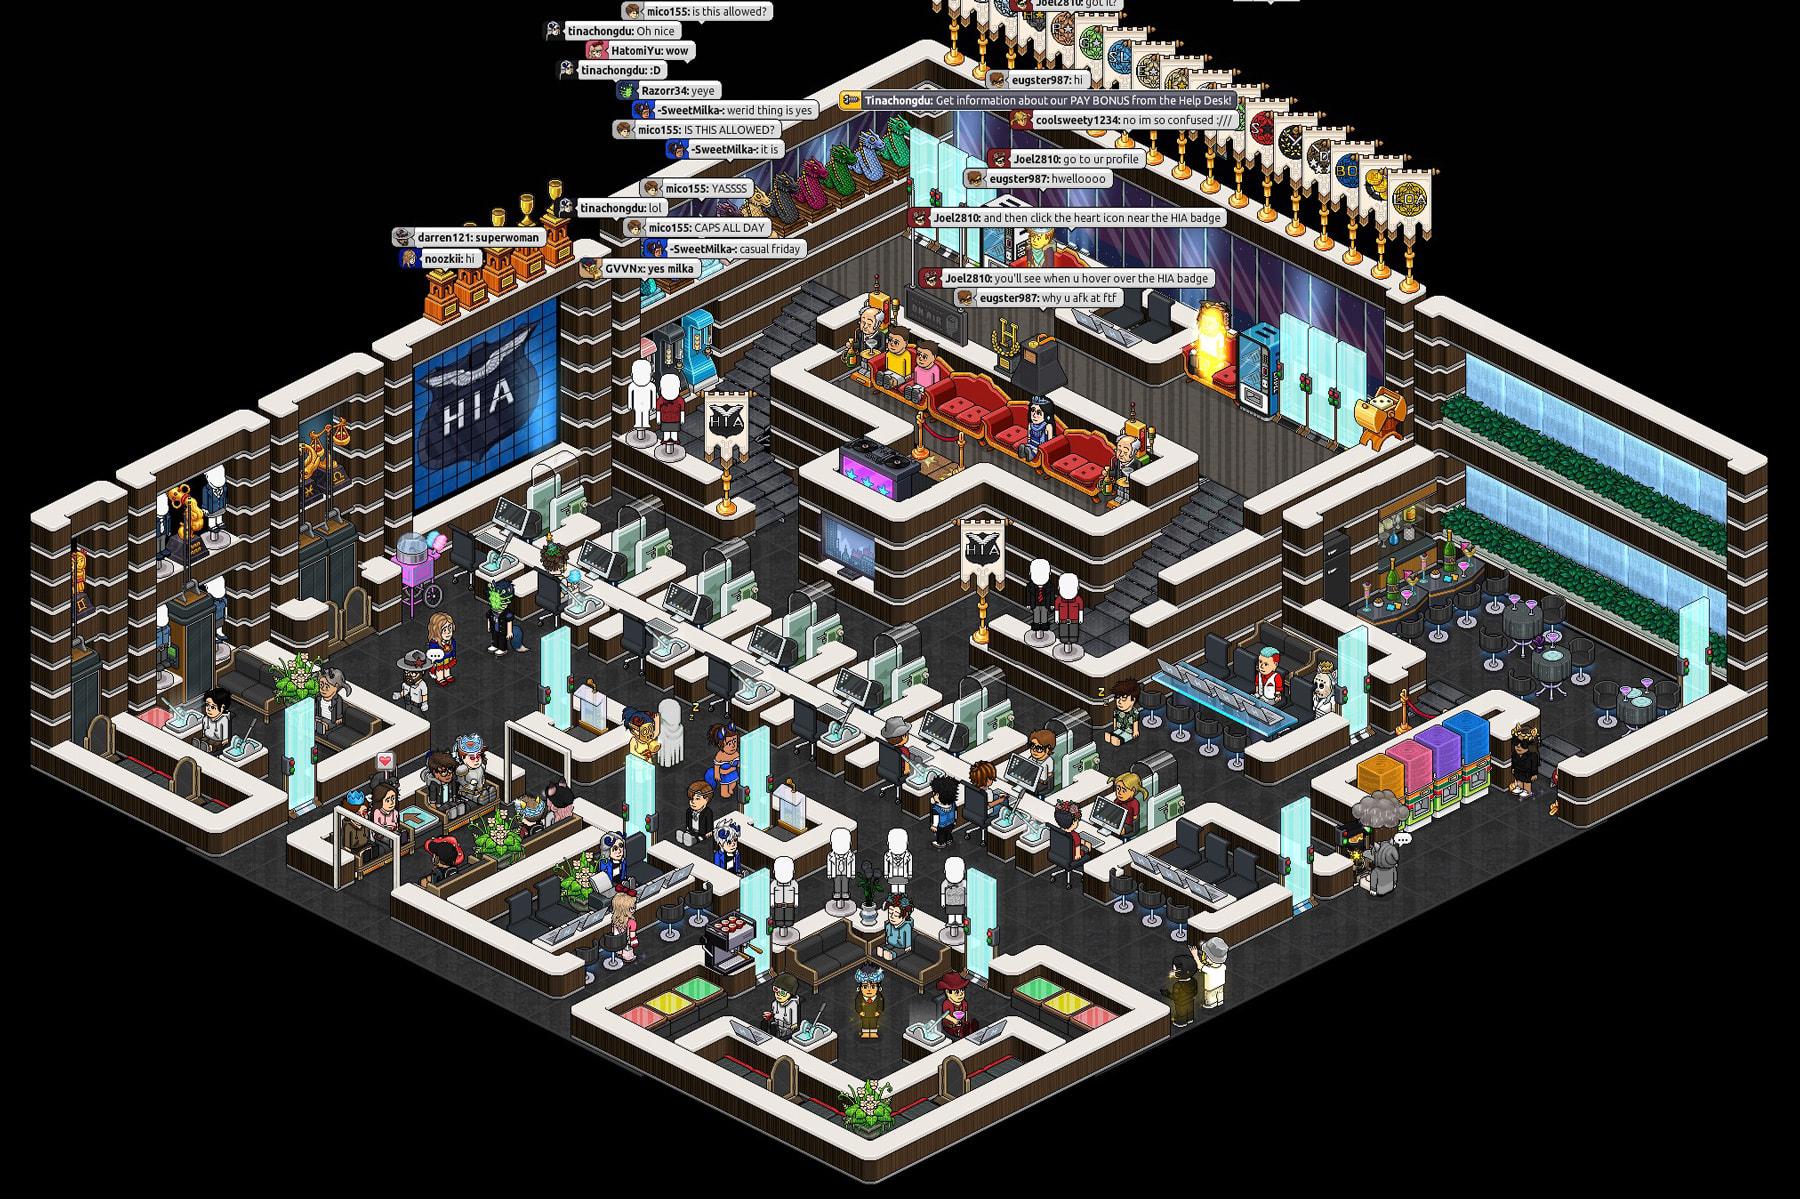 Wandering The Quiet Digital Halls Of Habbo Hotel Engadget